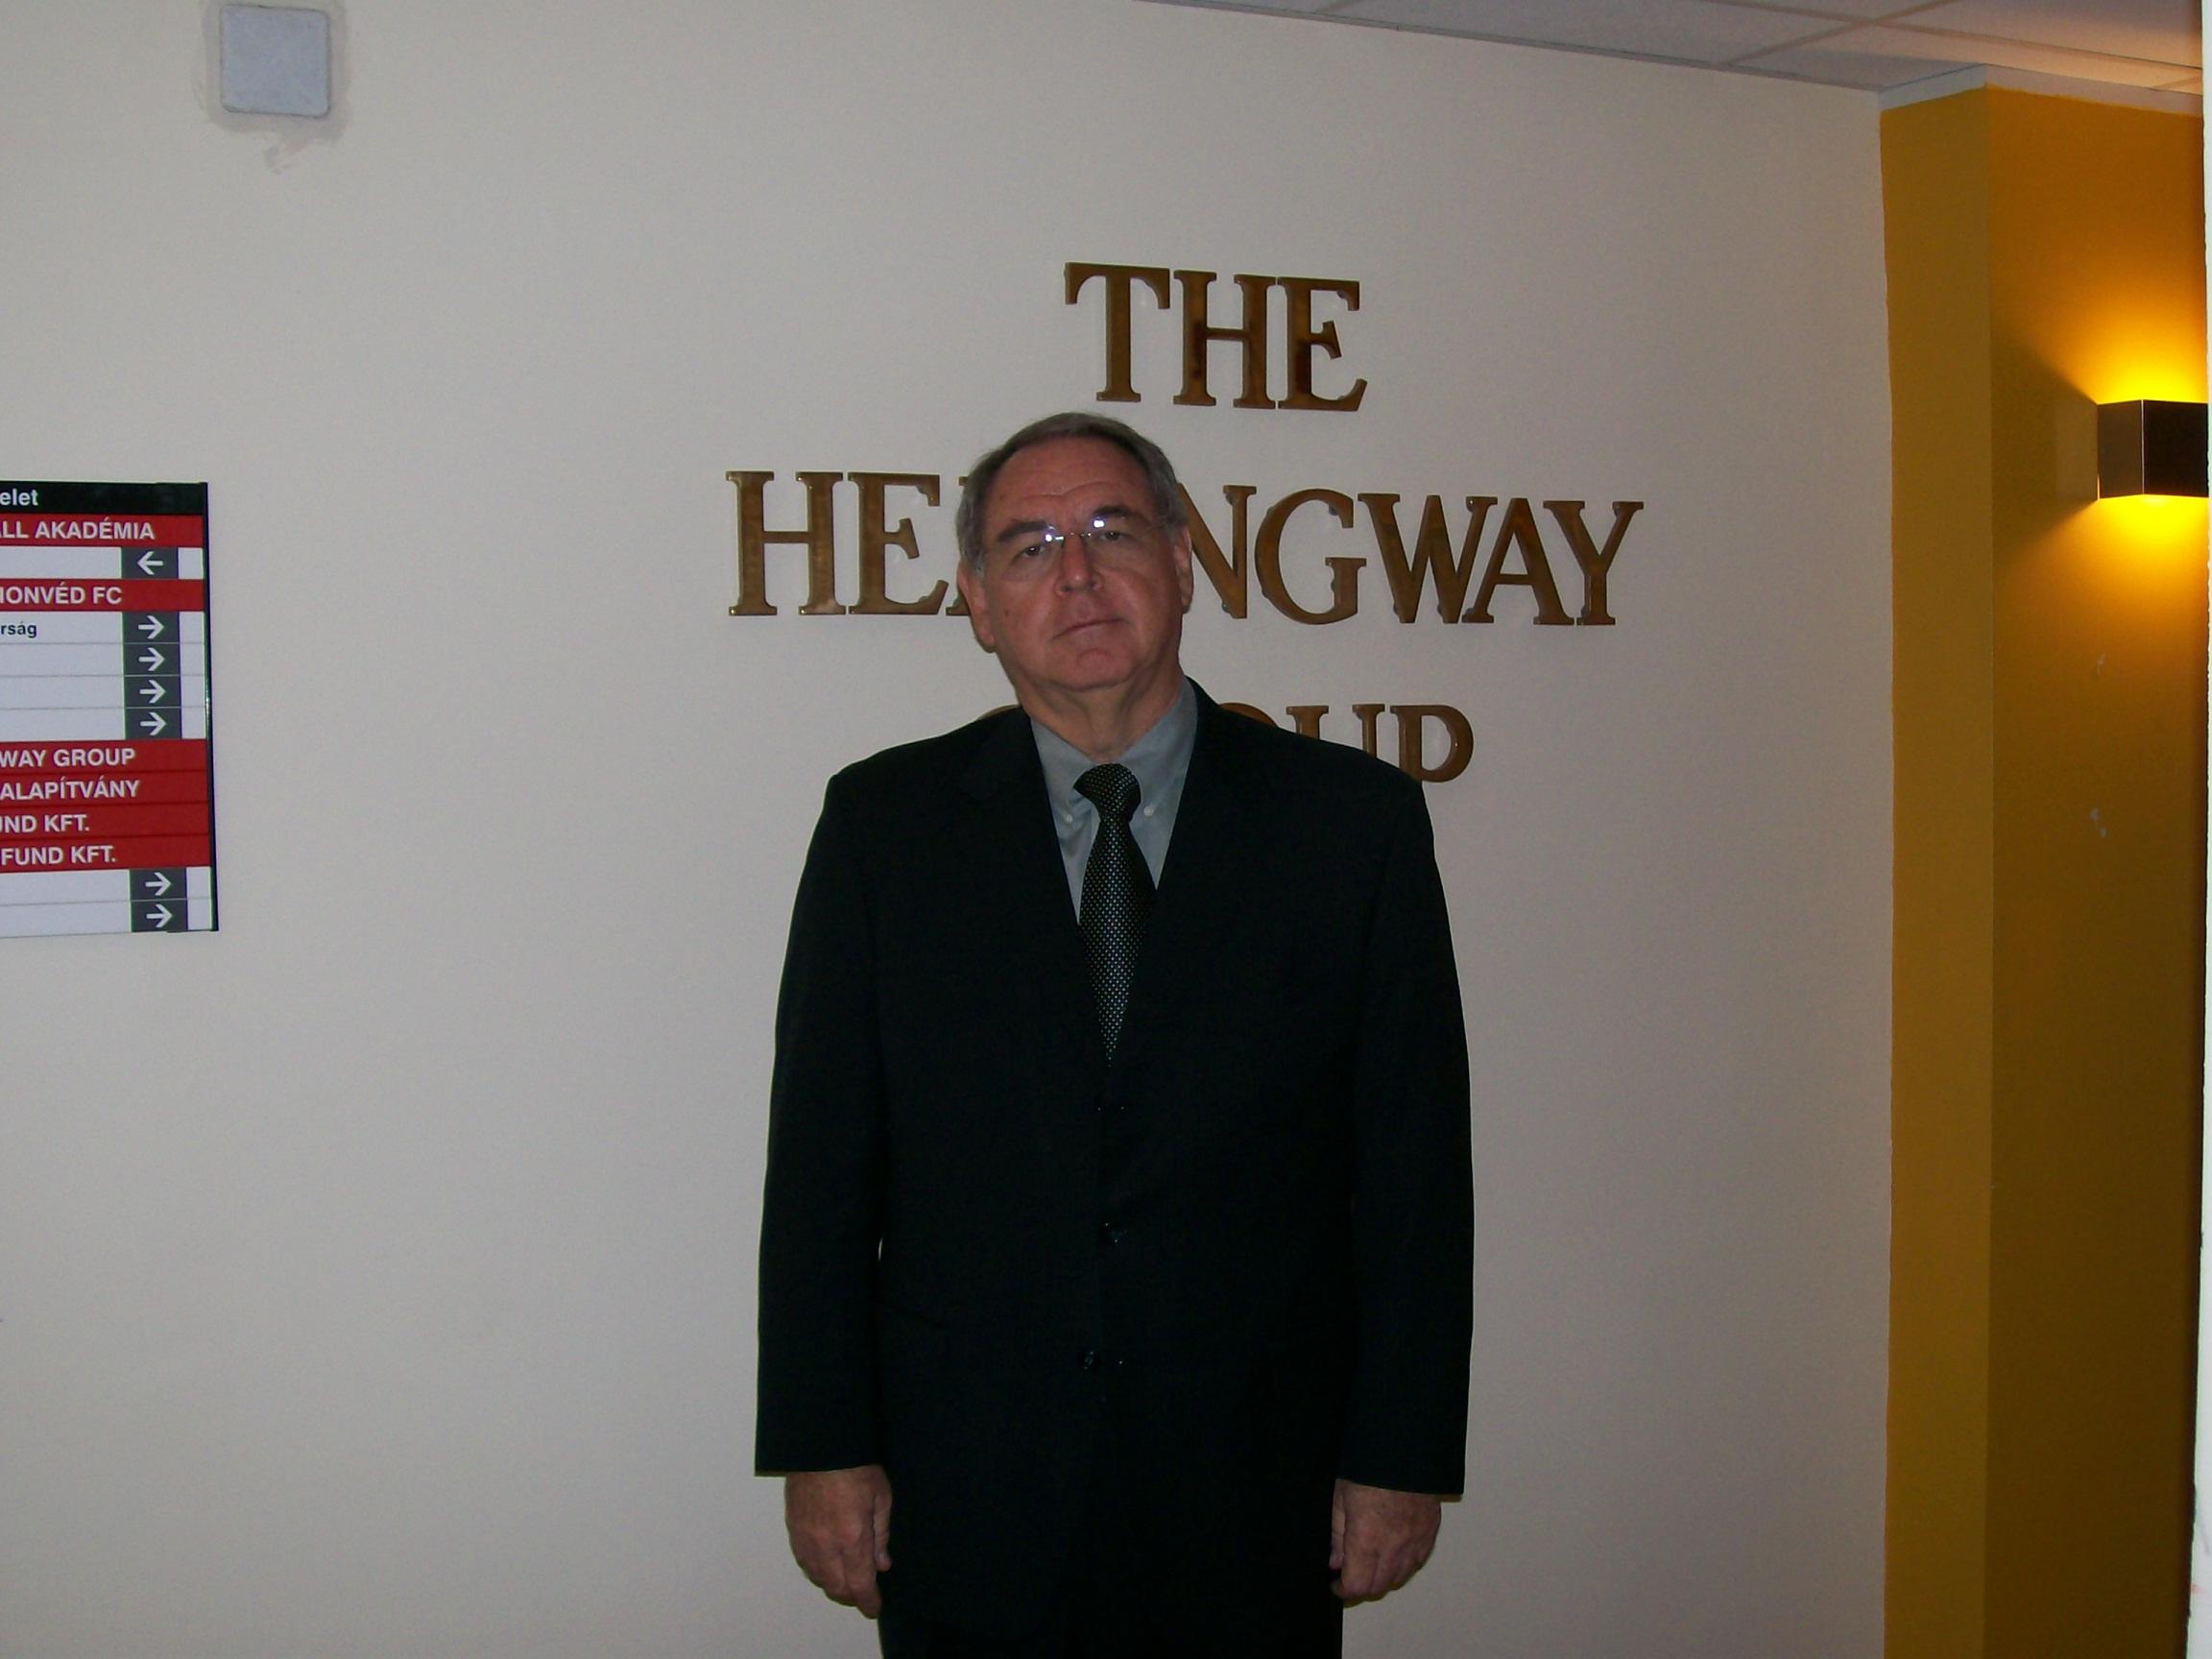 George F. Hemingway 2008.10.17.